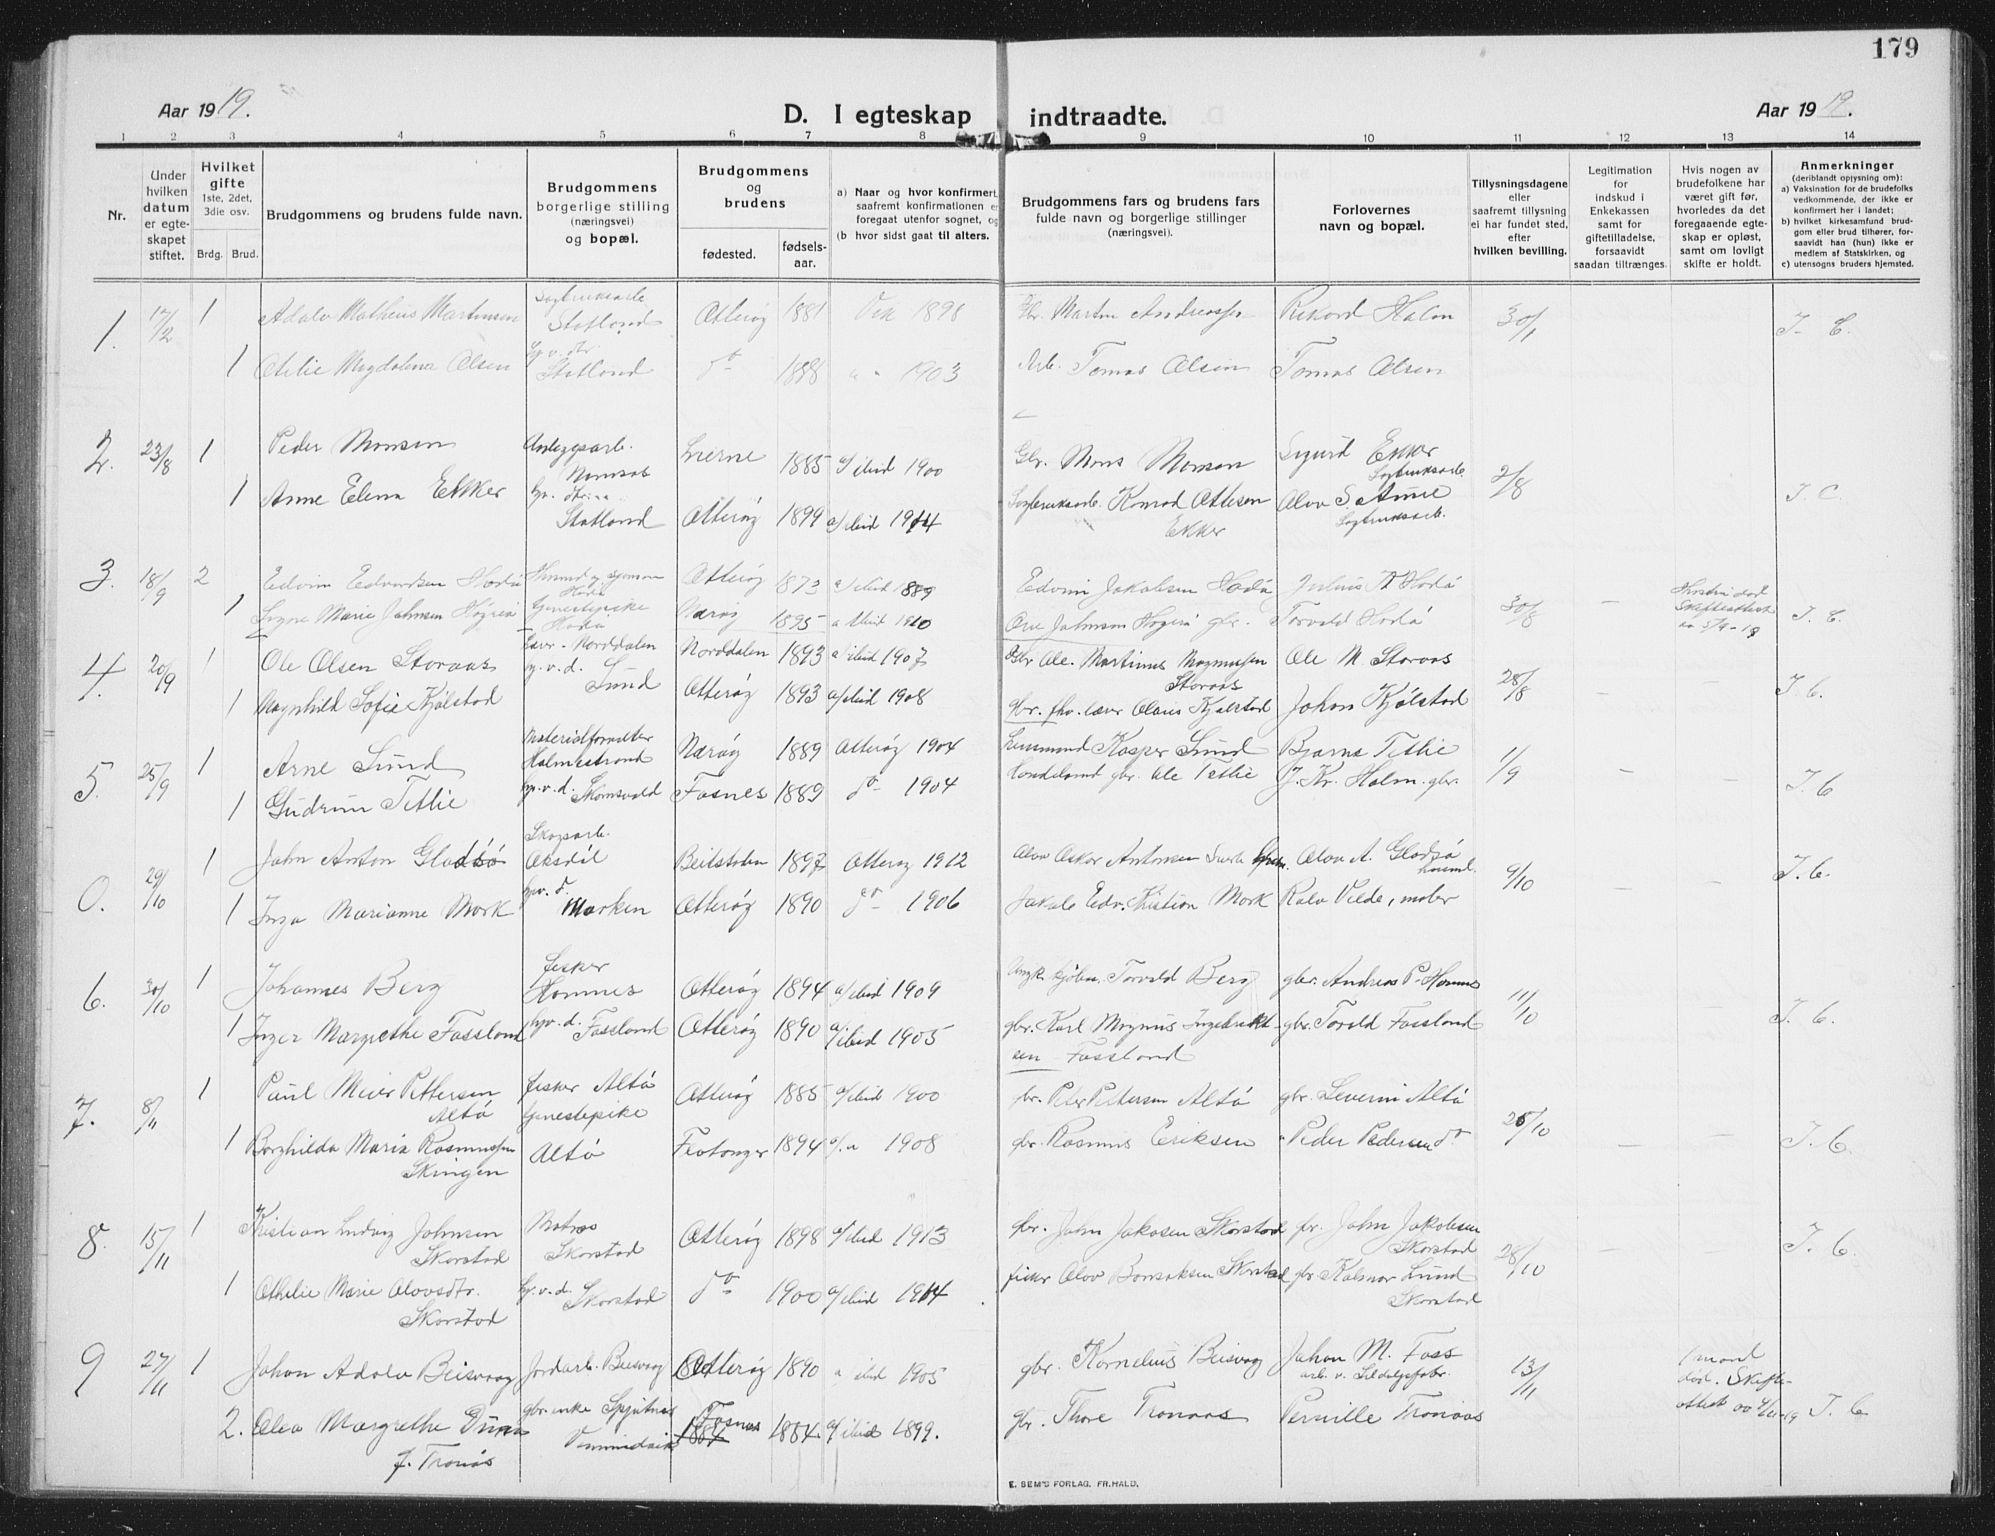 SAT, Ministerialprotokoller, klokkerbøker og fødselsregistre - Nord-Trøndelag, 774/L0630: Klokkerbok nr. 774C01, 1910-1934, s. 179